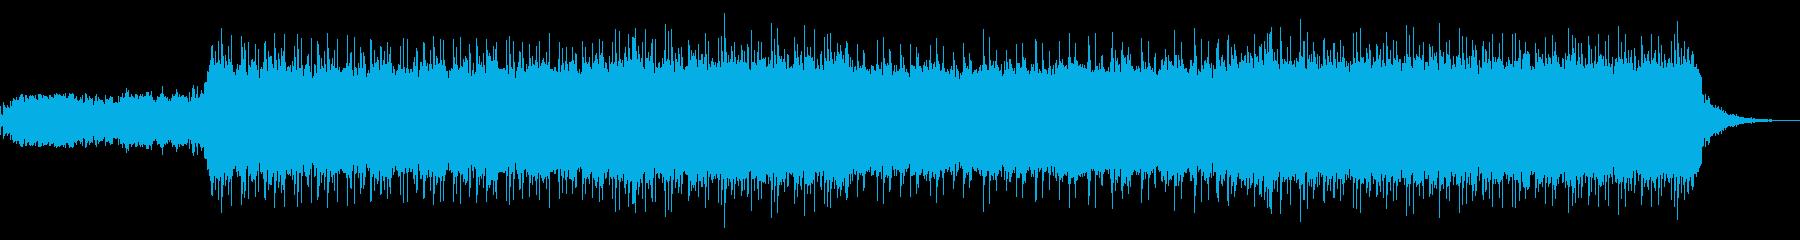 ポップで幻想的なTRAP!の再生済みの波形